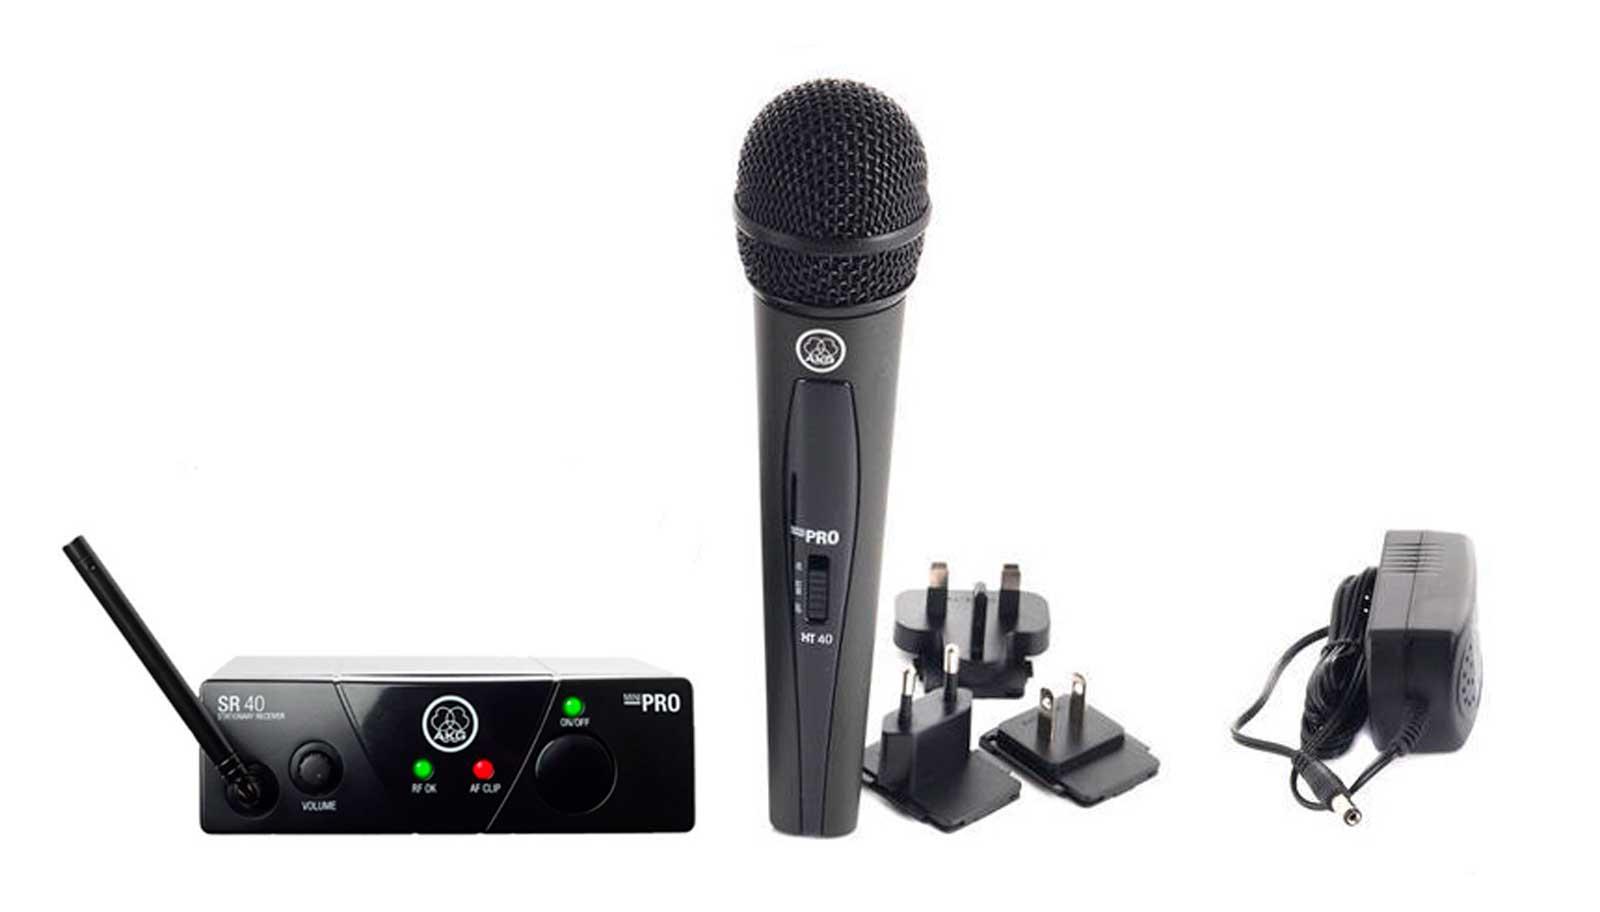 Sistema de microfone sem fio, cardioide e frequência US25B 537.900 MHz | WMS40 Mini Vocal Set | AKG